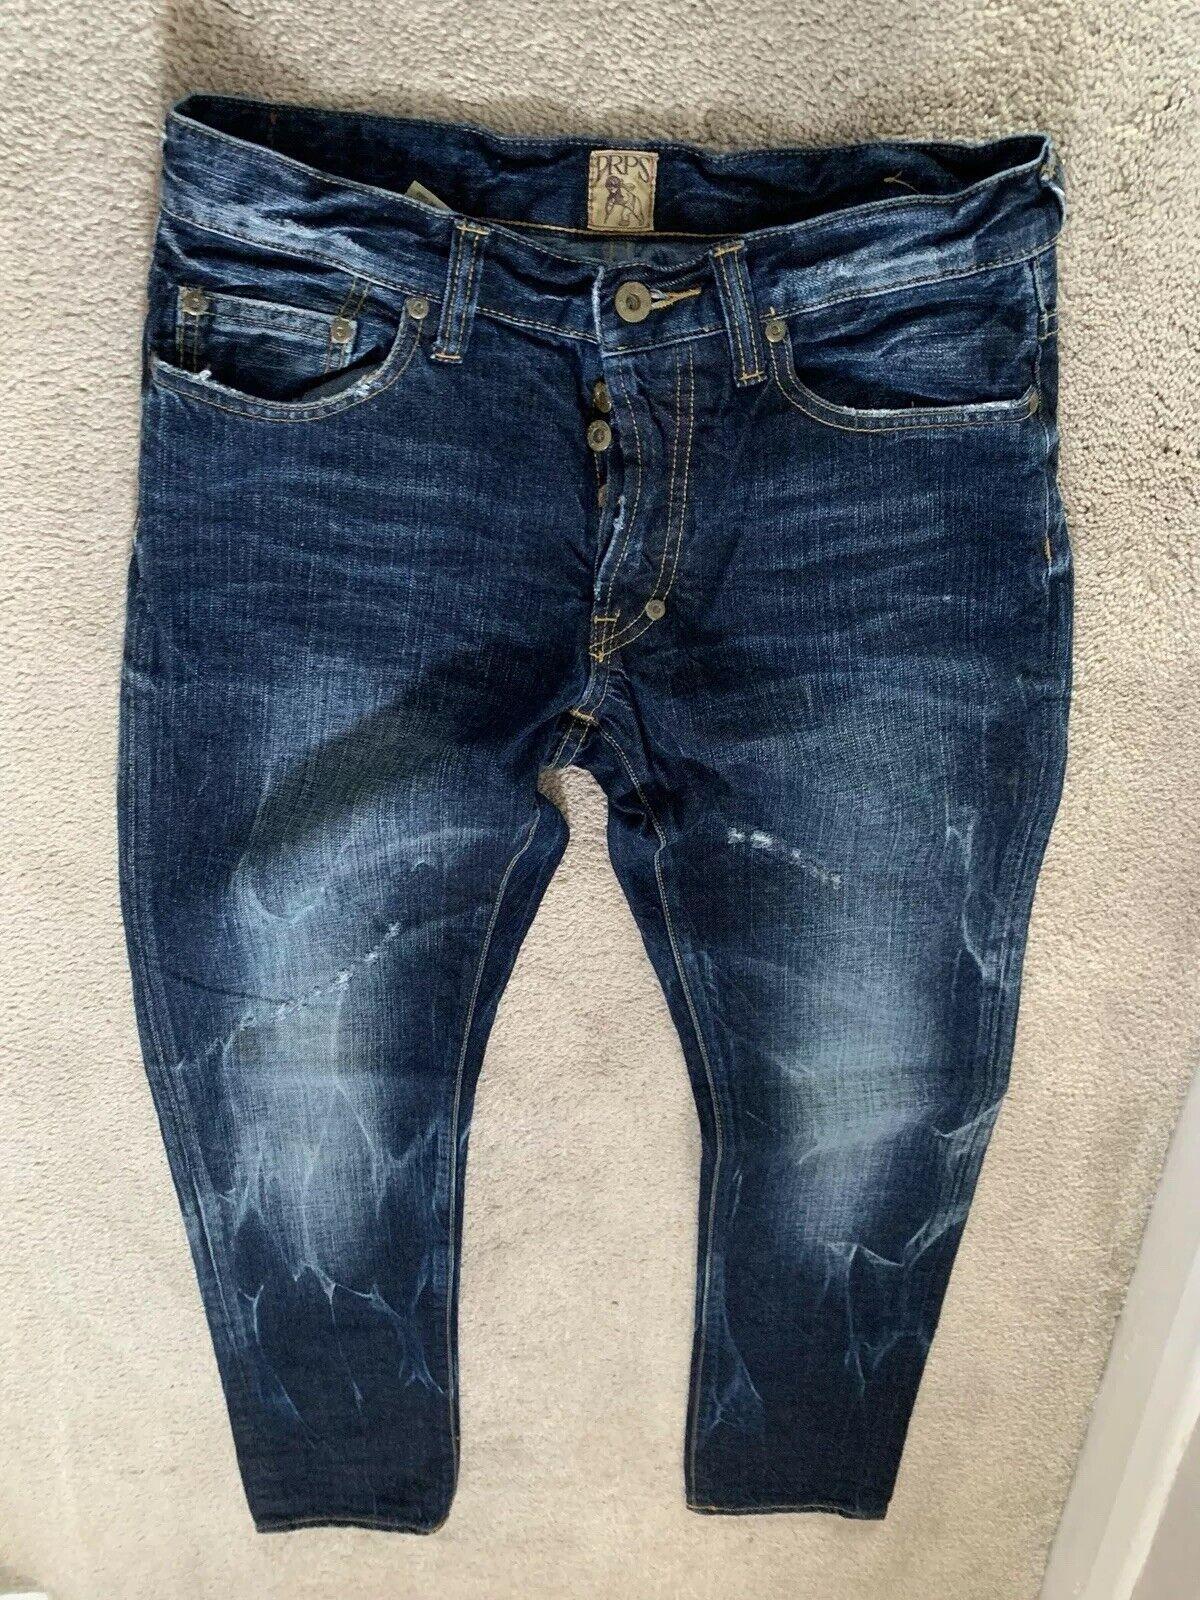 PRPS men jeans size 30 100% authentic ultra rare